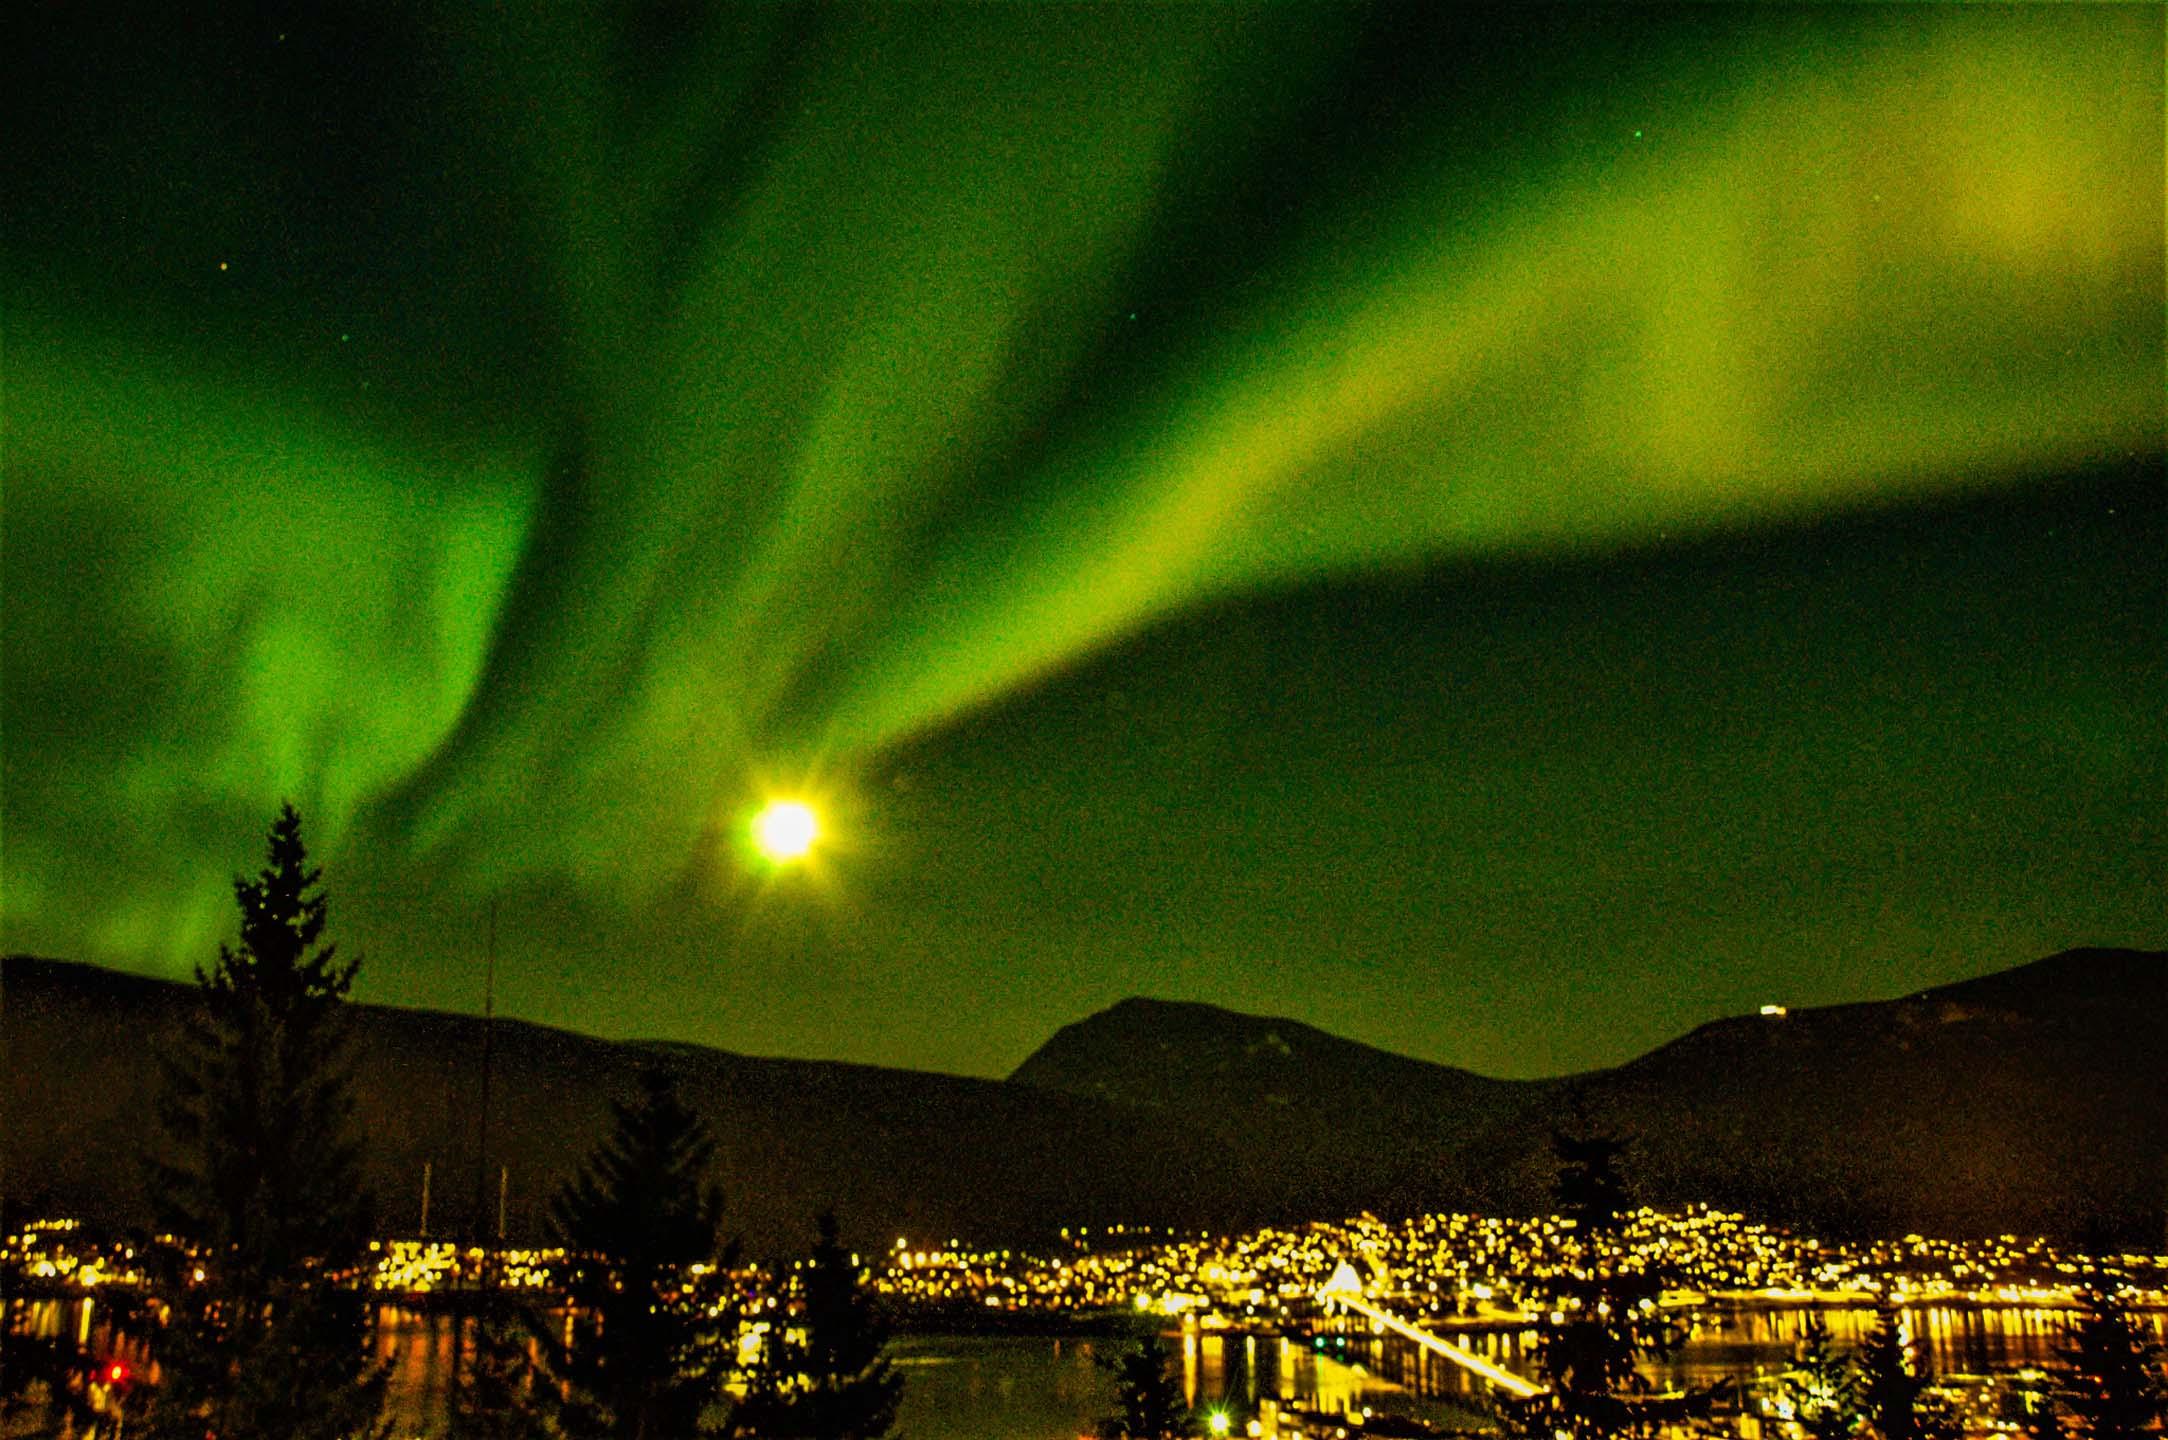 Bli med Arctic Safari på en unik jakt medbussogturbåtetter det magiske nordlyset aurora borealis